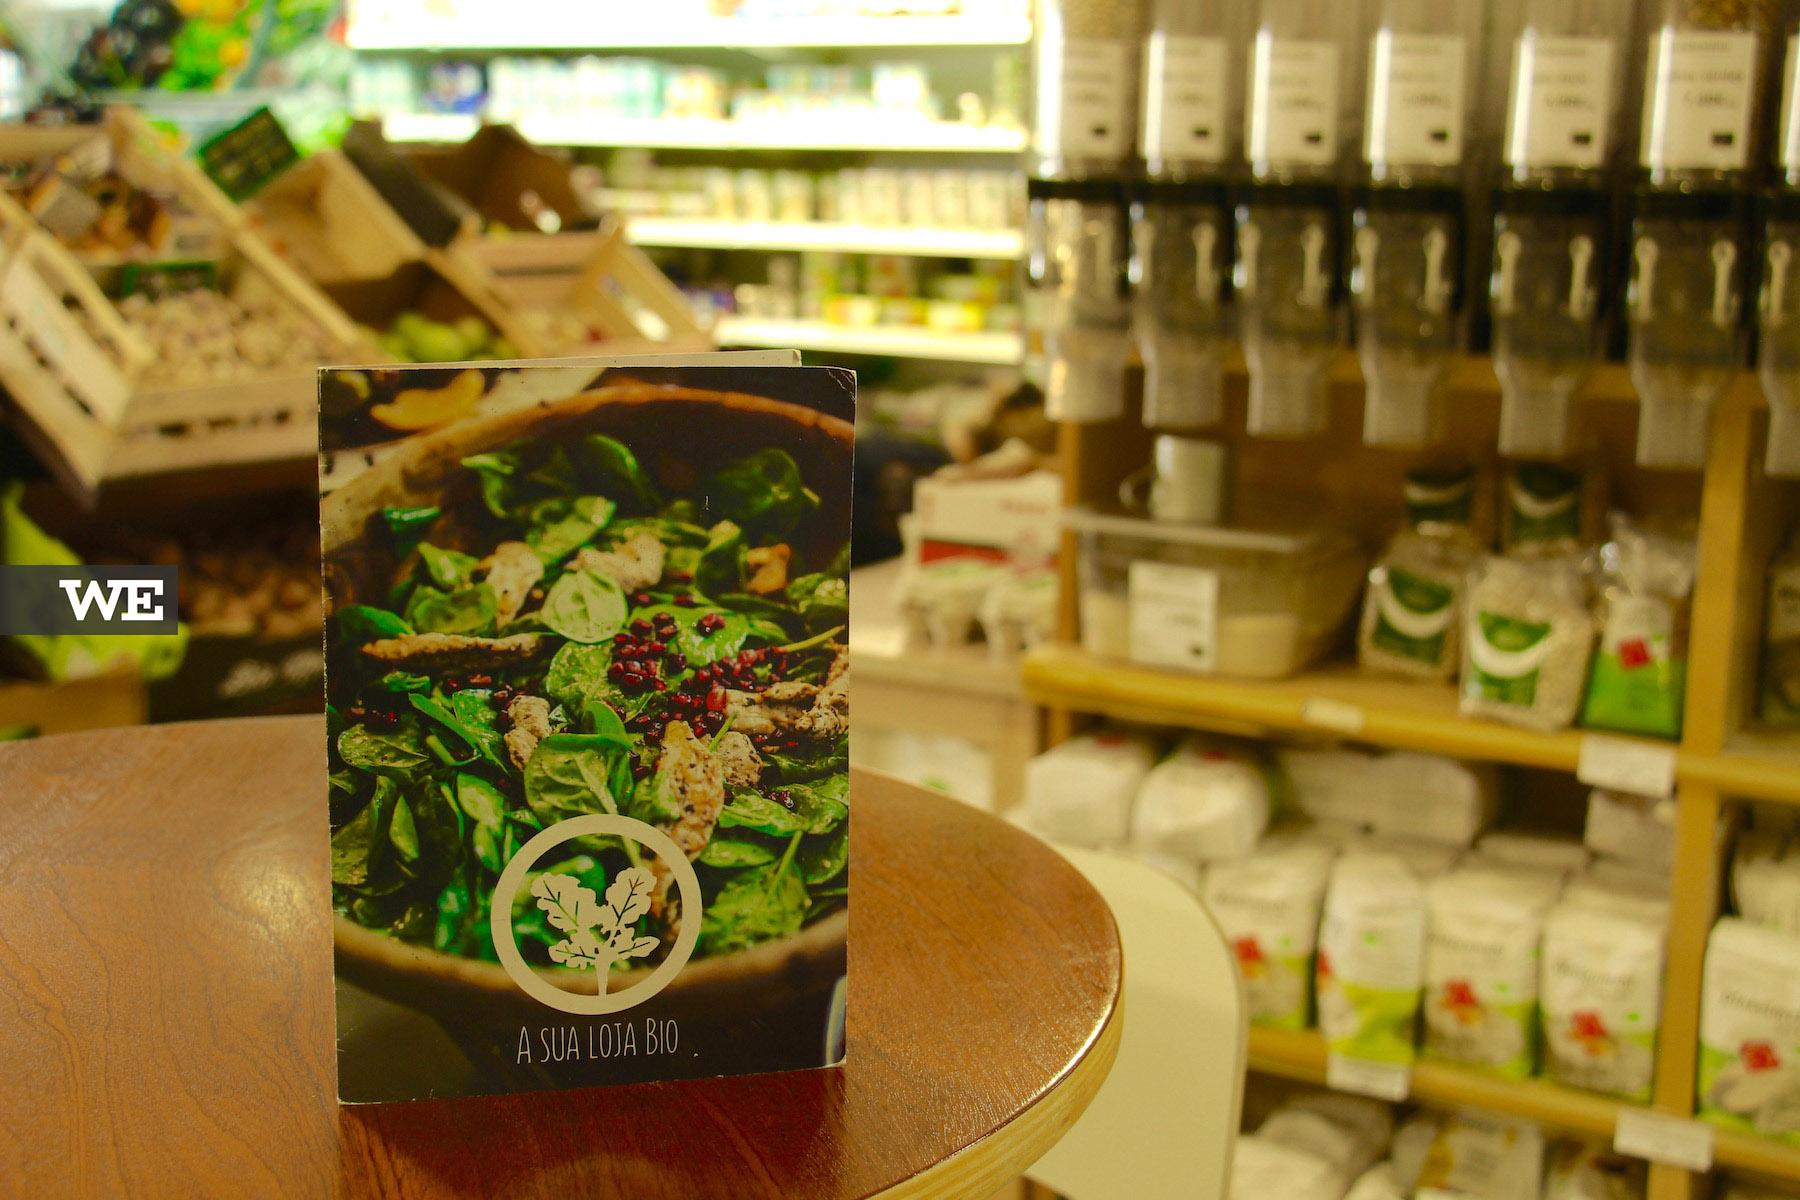 Cafetaria da Biobrassica, uma loja de produtos biológicos